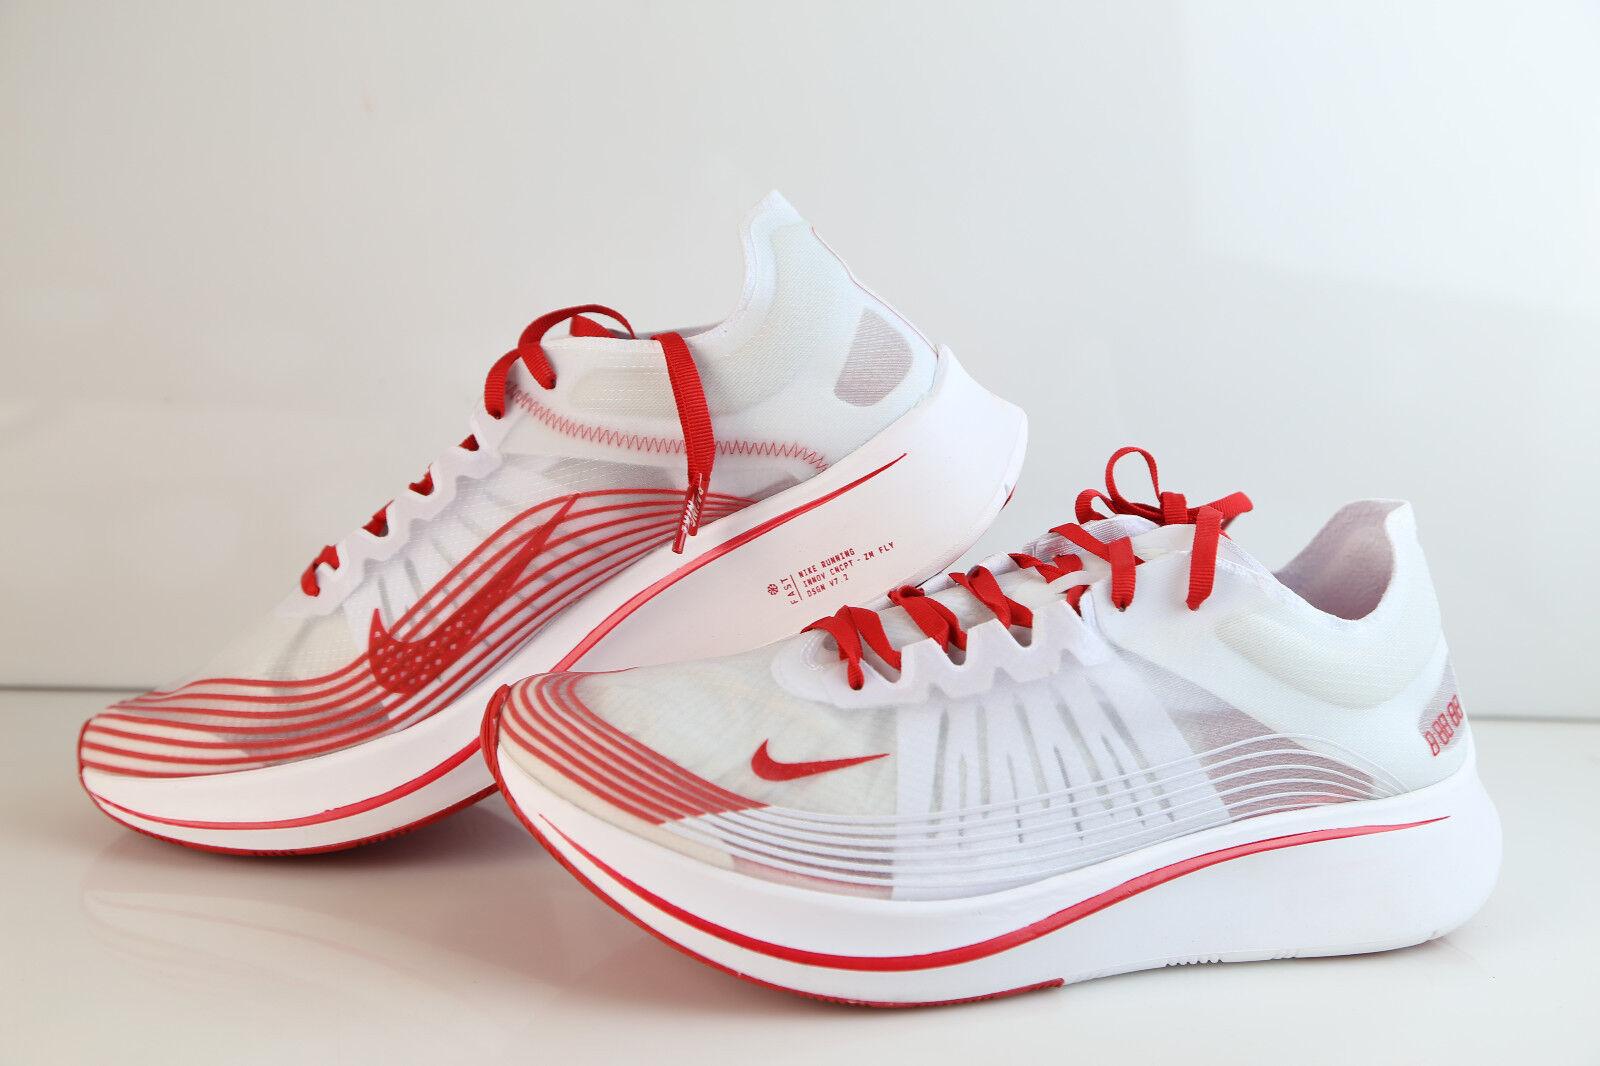 Nike zoom fliegen sp tokio weiße universität rot aj9282-100 15 nikelab rennen laufen